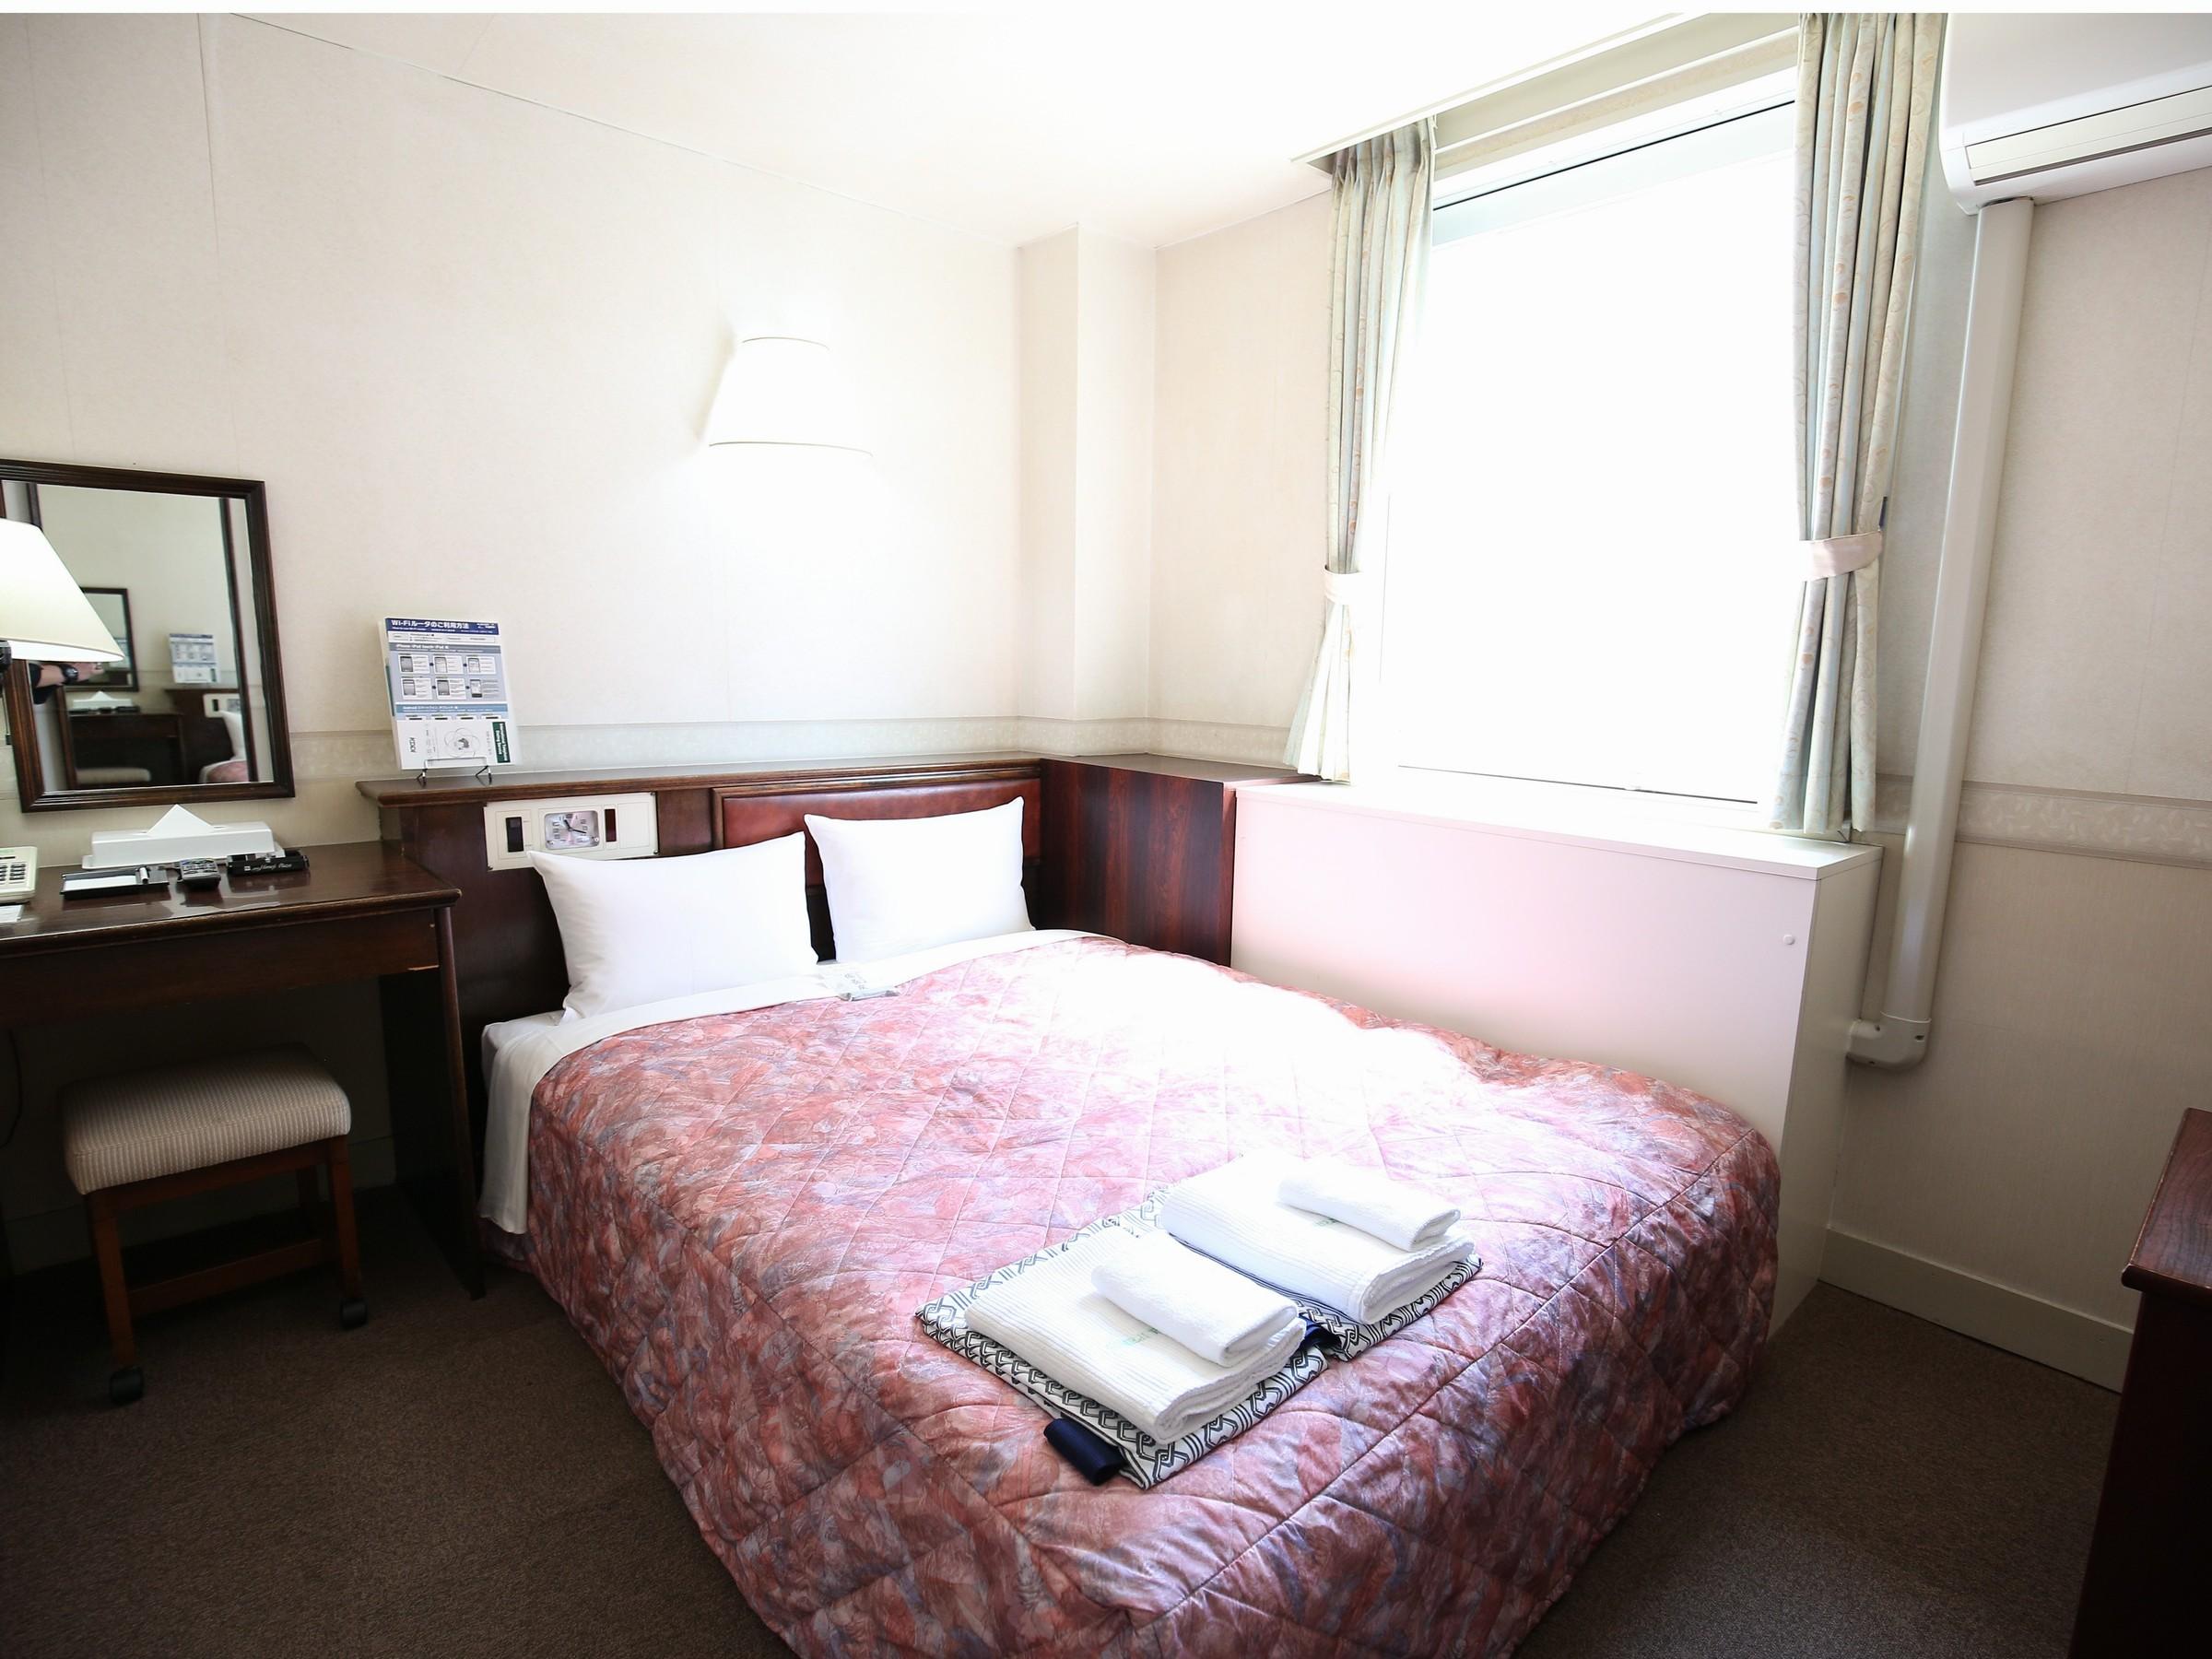 ホテル姫路プラザ / [喫煙室]セミダブルルーム(2名部屋)■ベッド幅120センチ